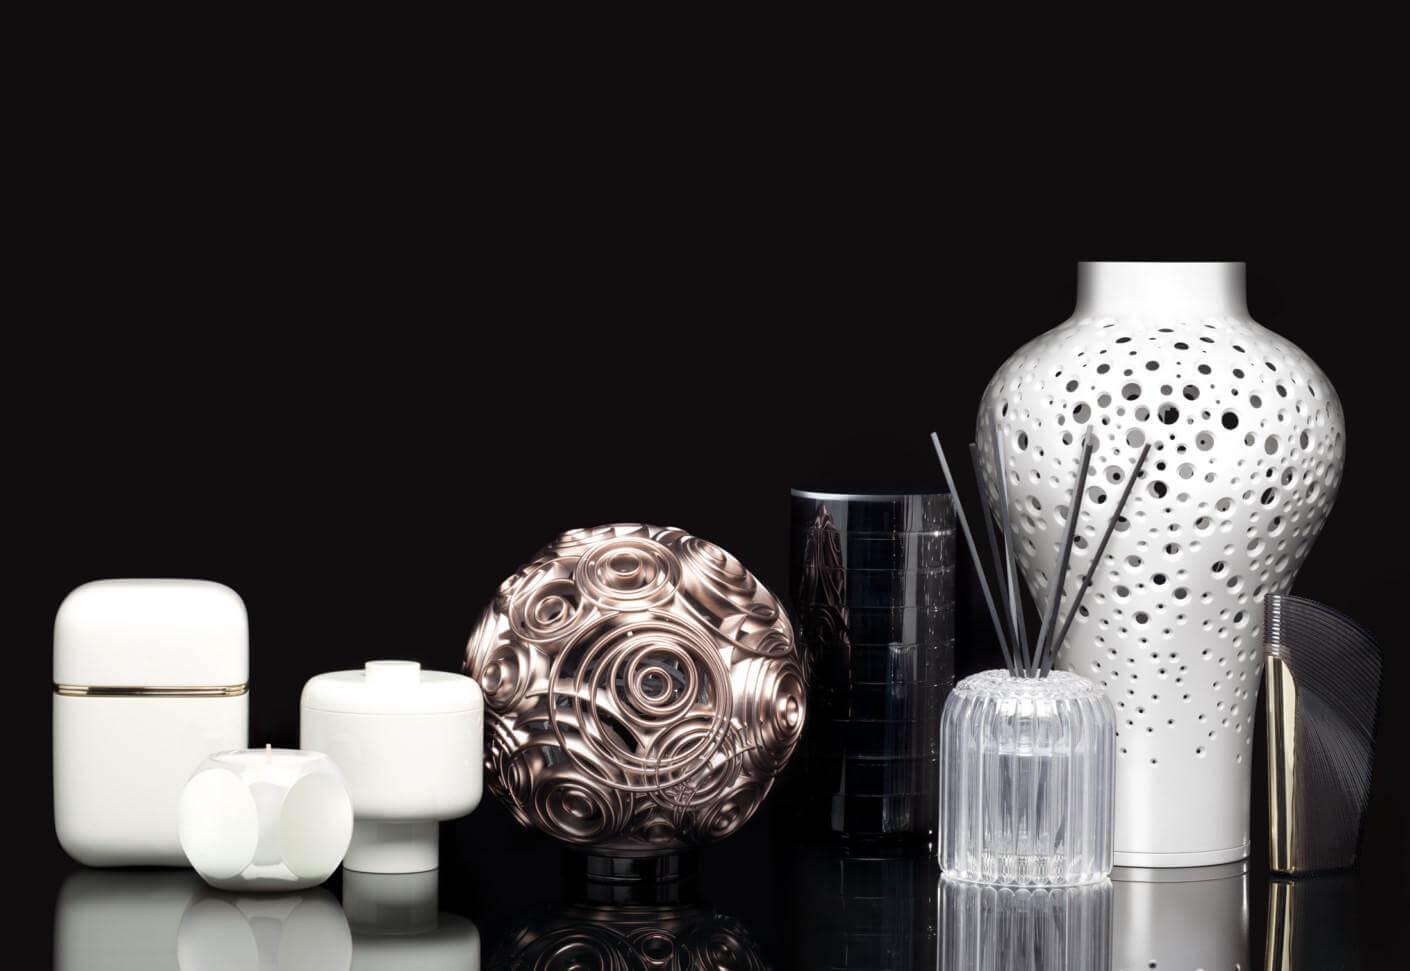 Kvapai Kartell Fragrance